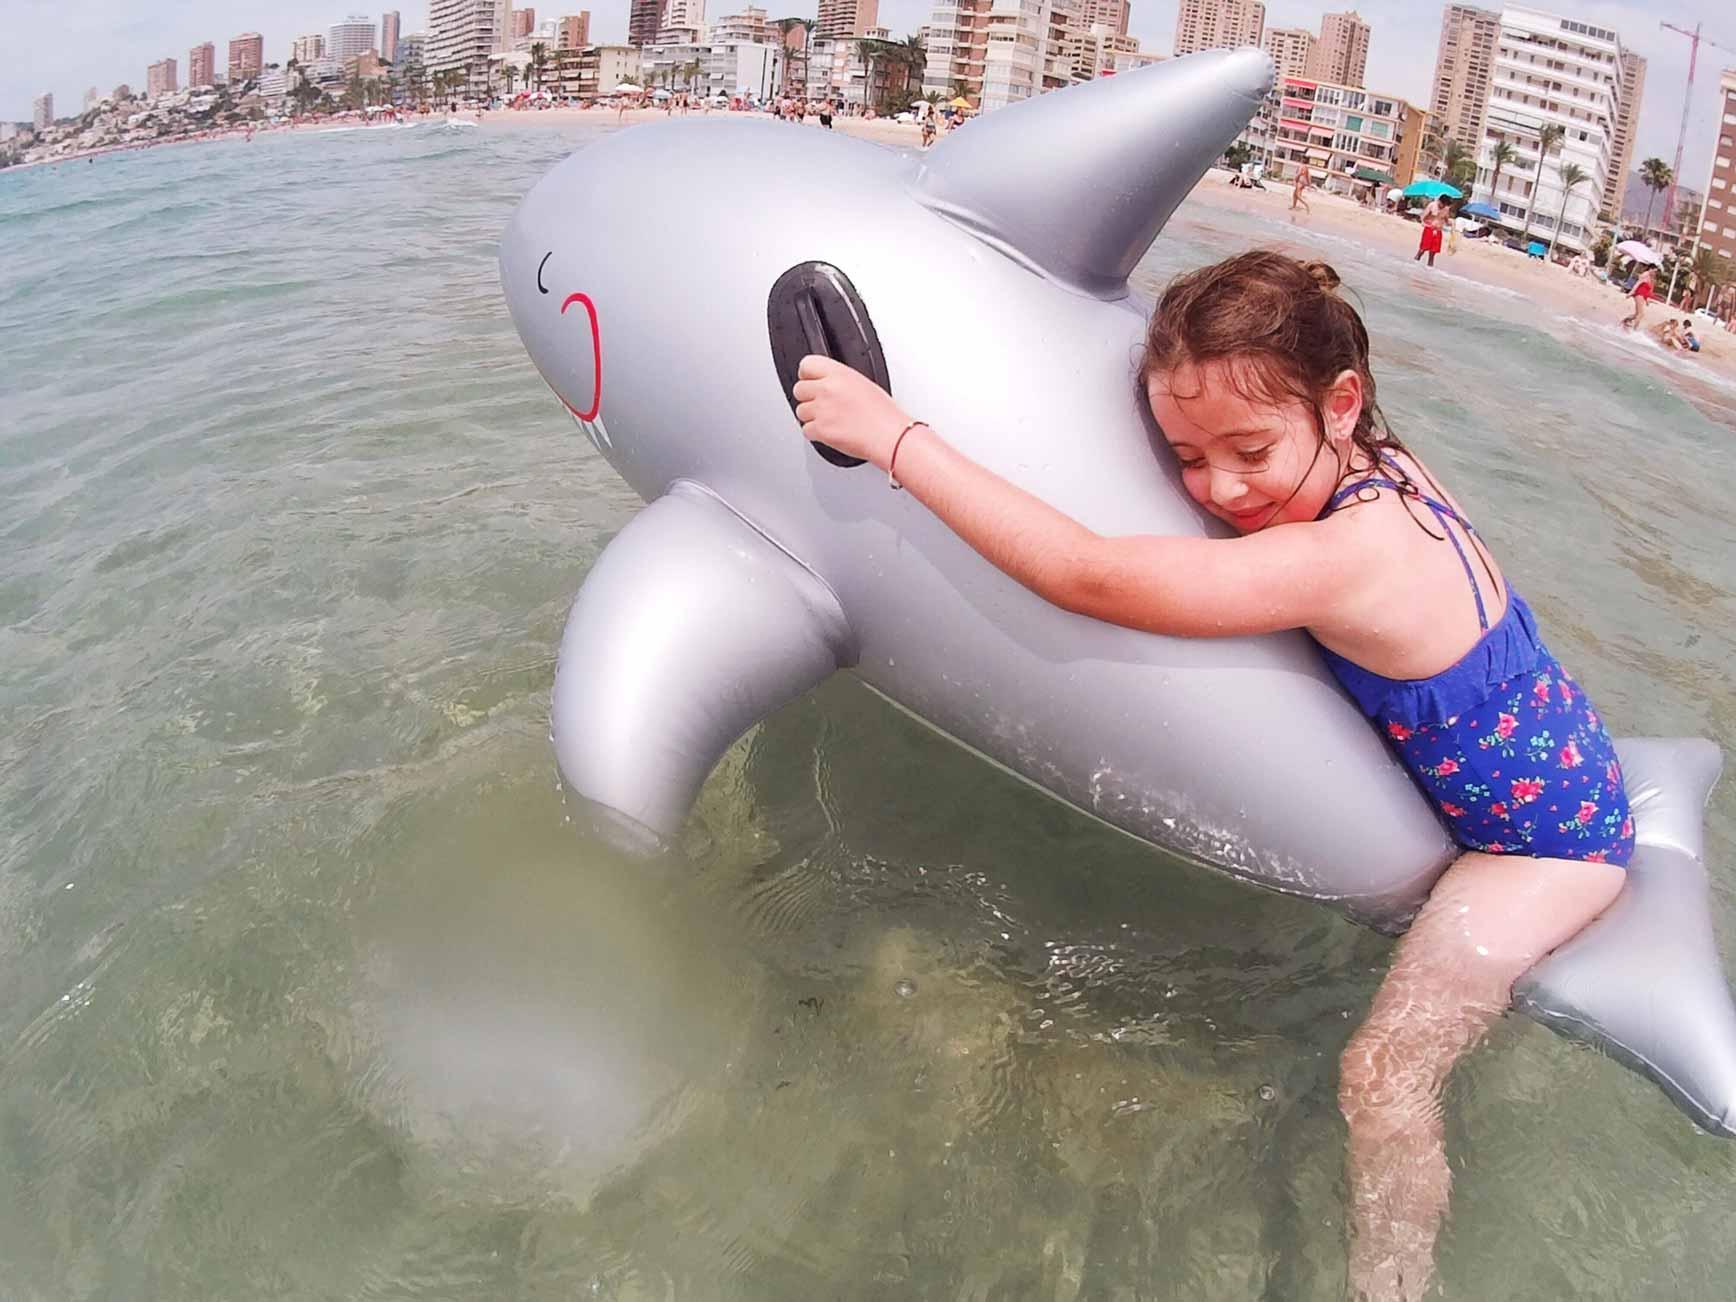 Fotos-bajo-agua-claraBmartin_11